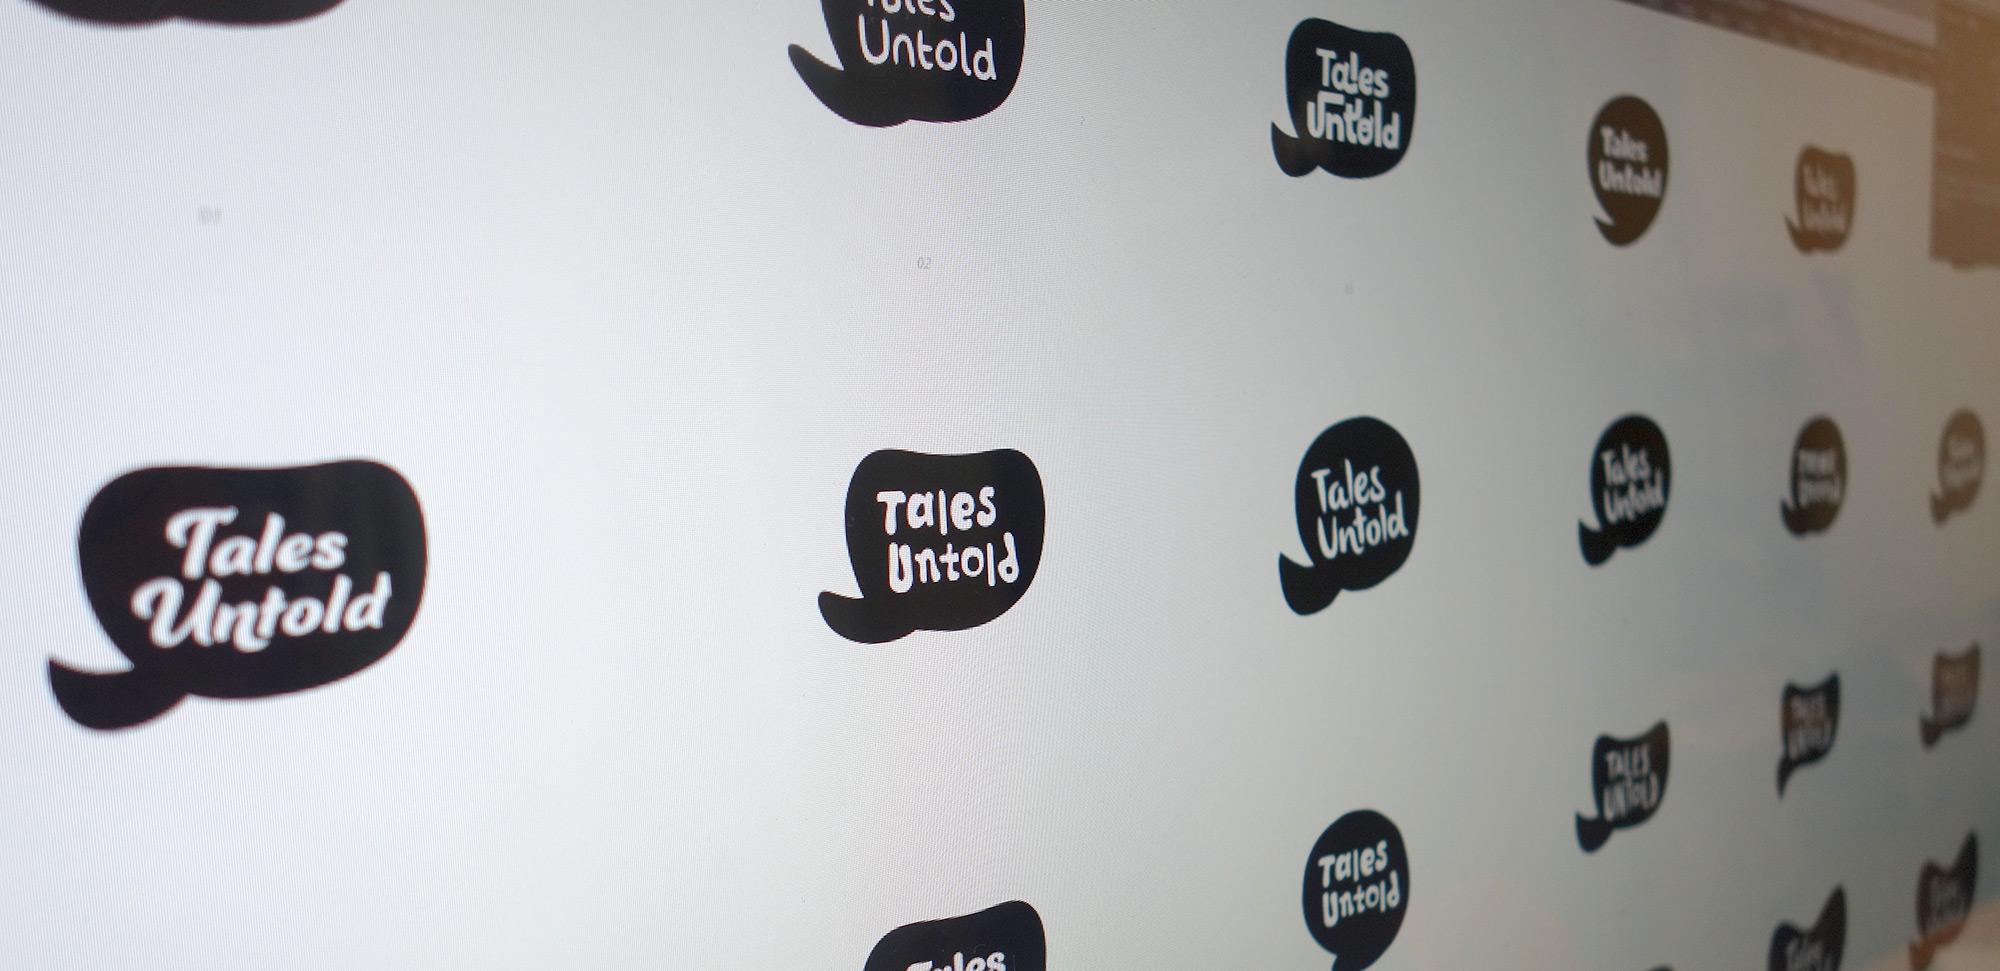 TU.logos_